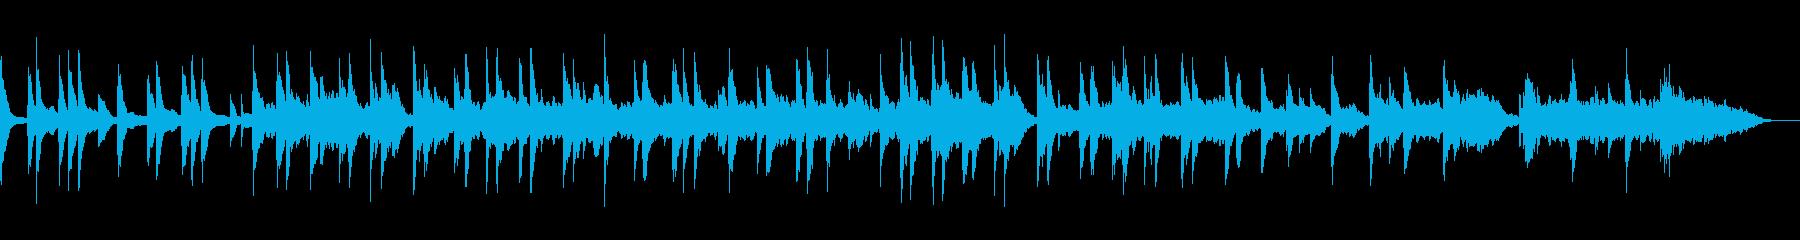 映像・ナレーション用ピアノ演奏(瞑想)の再生済みの波形